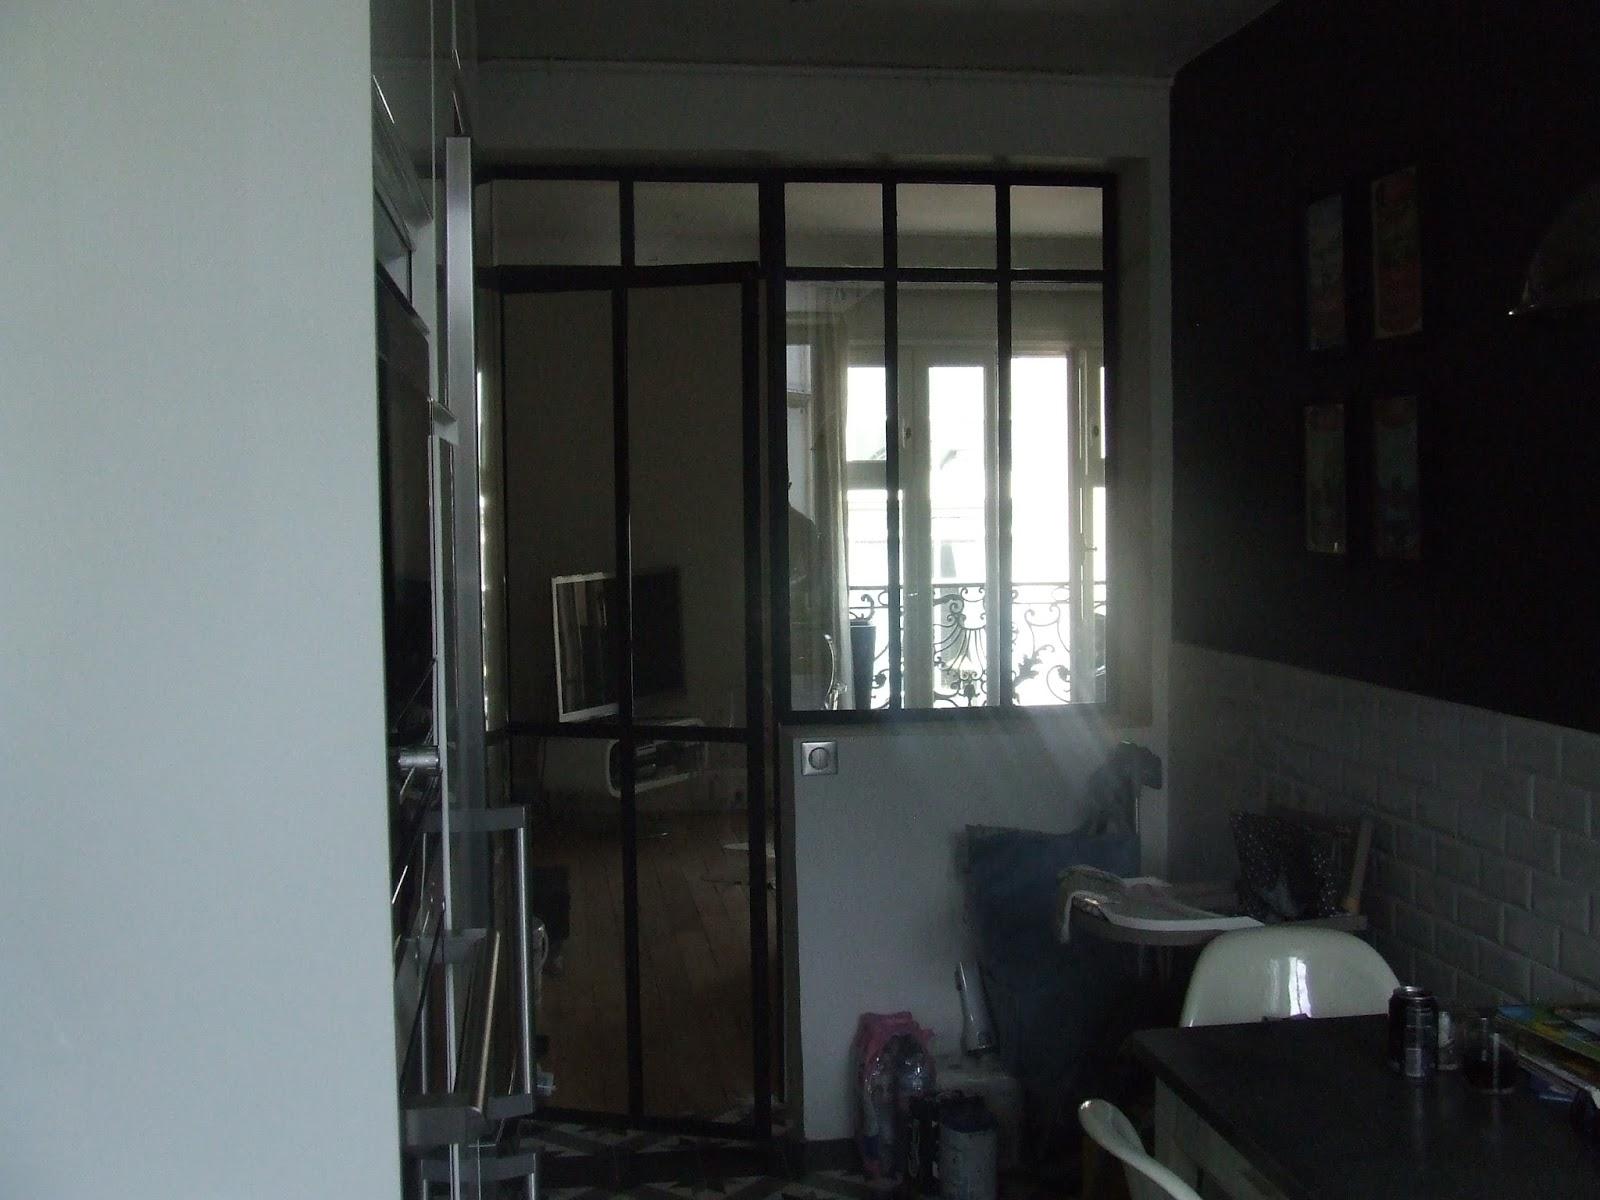 verri re int rieure porte vitr e s paration cuisine salon ferronnerie le fur. Black Bedroom Furniture Sets. Home Design Ideas